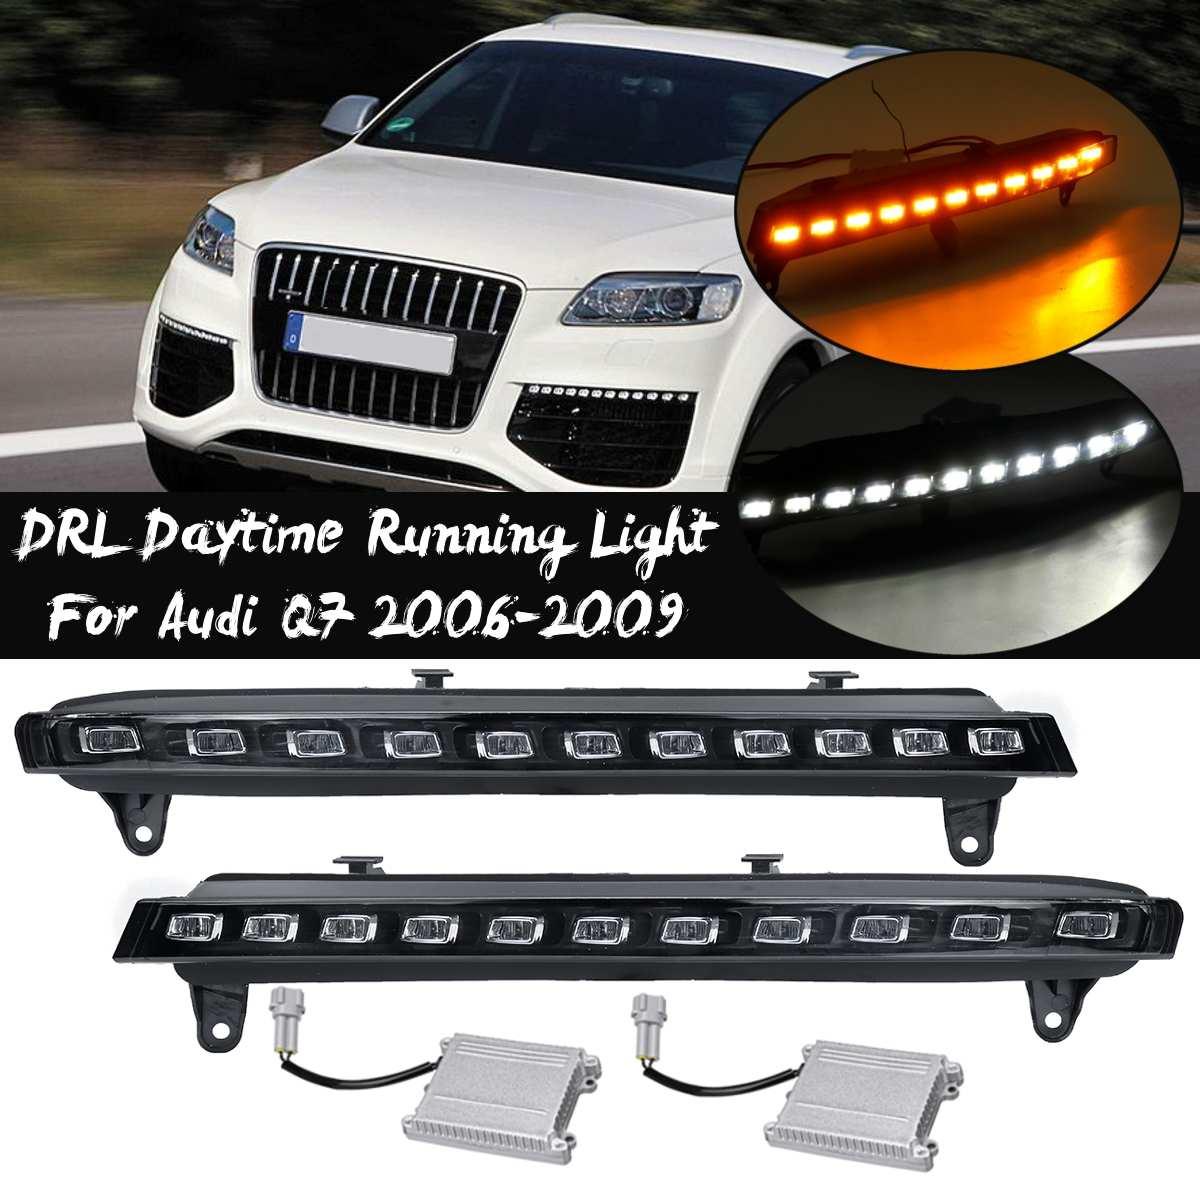 Clignotant LED de pare chocs avant pour Audi Q7 2006 2009 phare antibrouillard feux diurnes Drl clignotant accessoires de phares